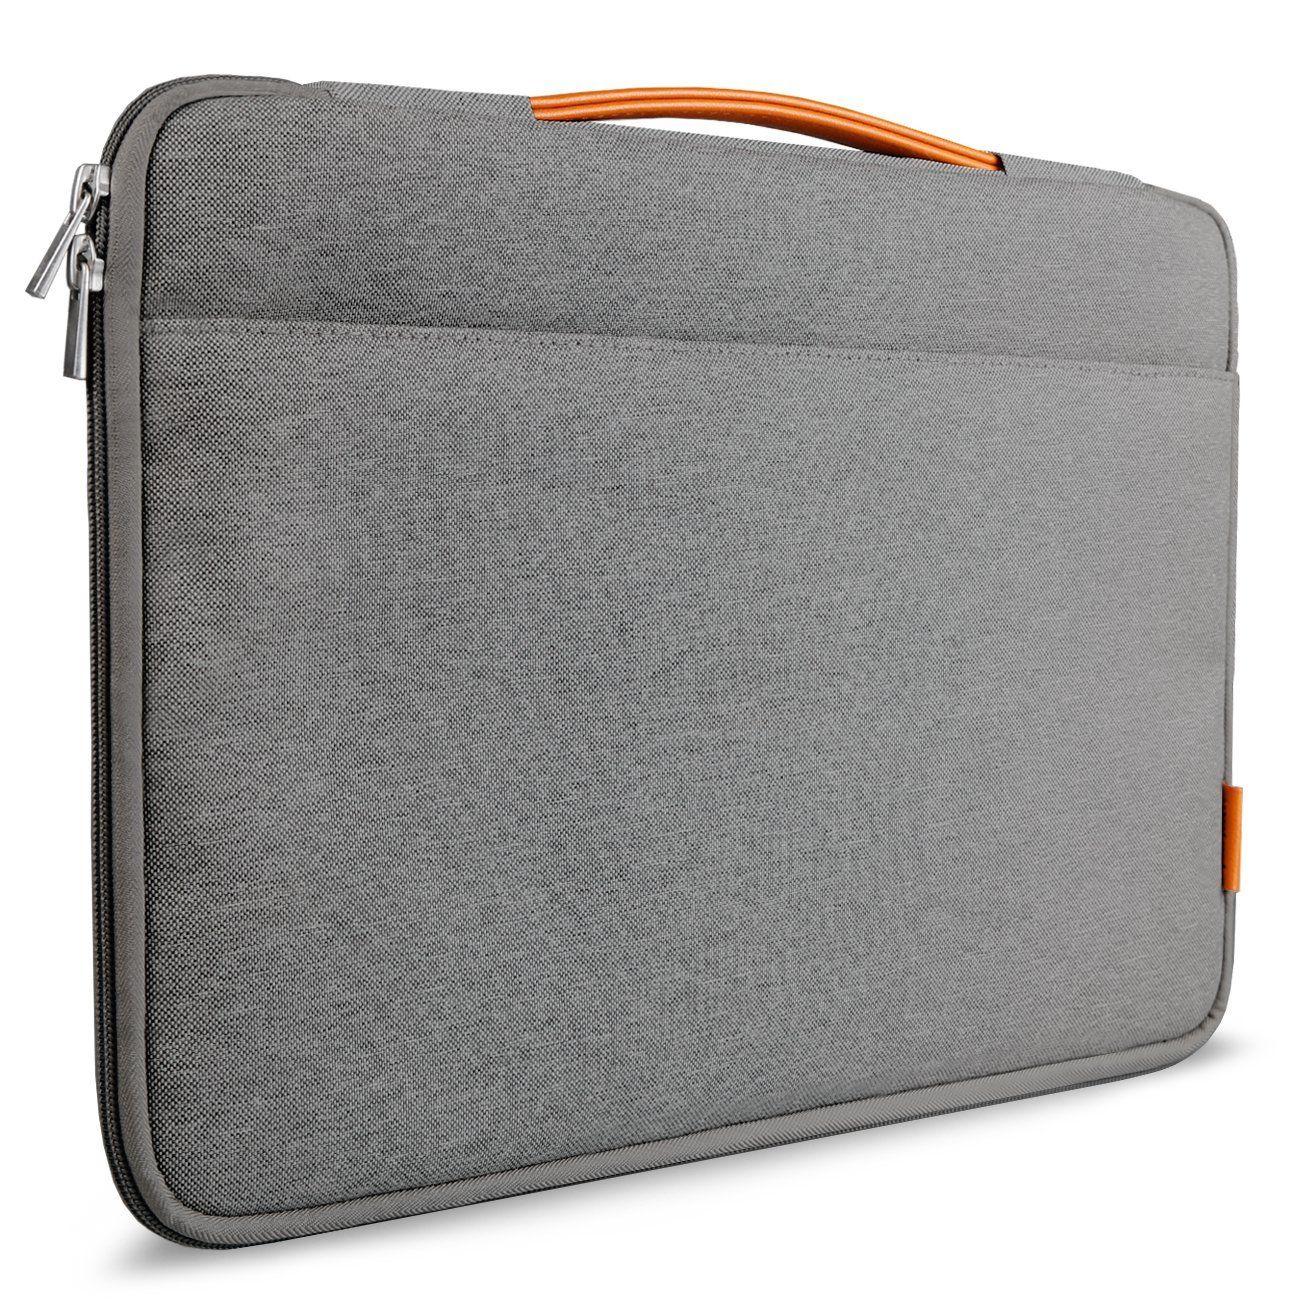 Trust Sydney Business Laptop Bag Case fits 17.3-inch